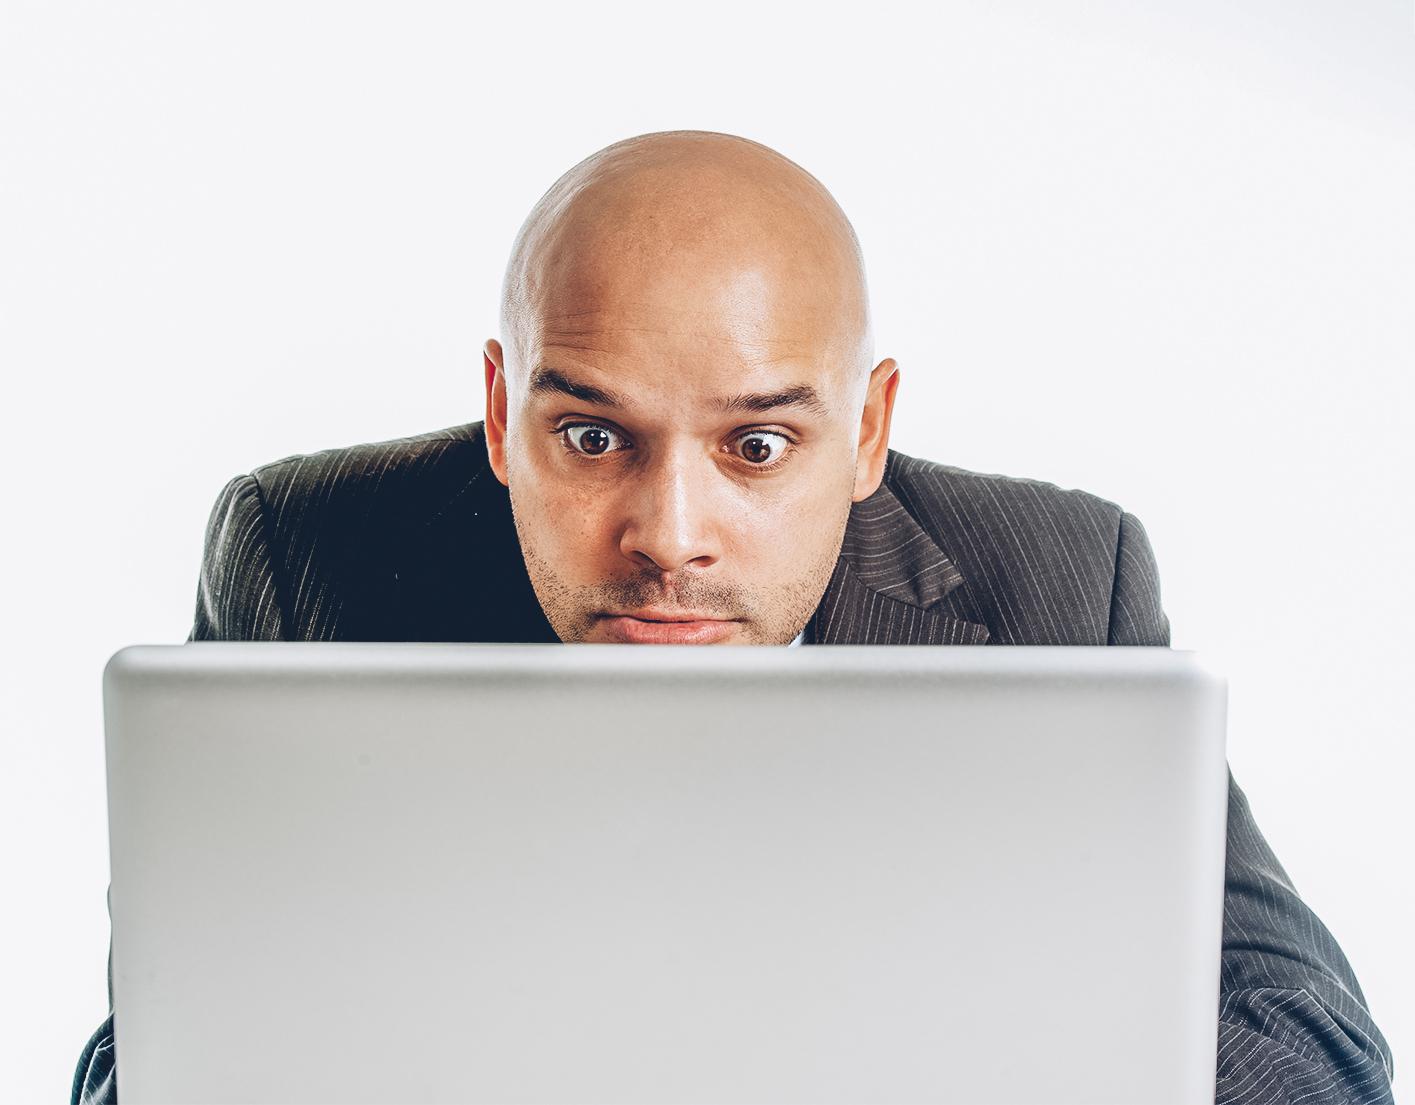 ¿El despido de un trabajador que mira porno más de la mitad de la jornada es improcedente?